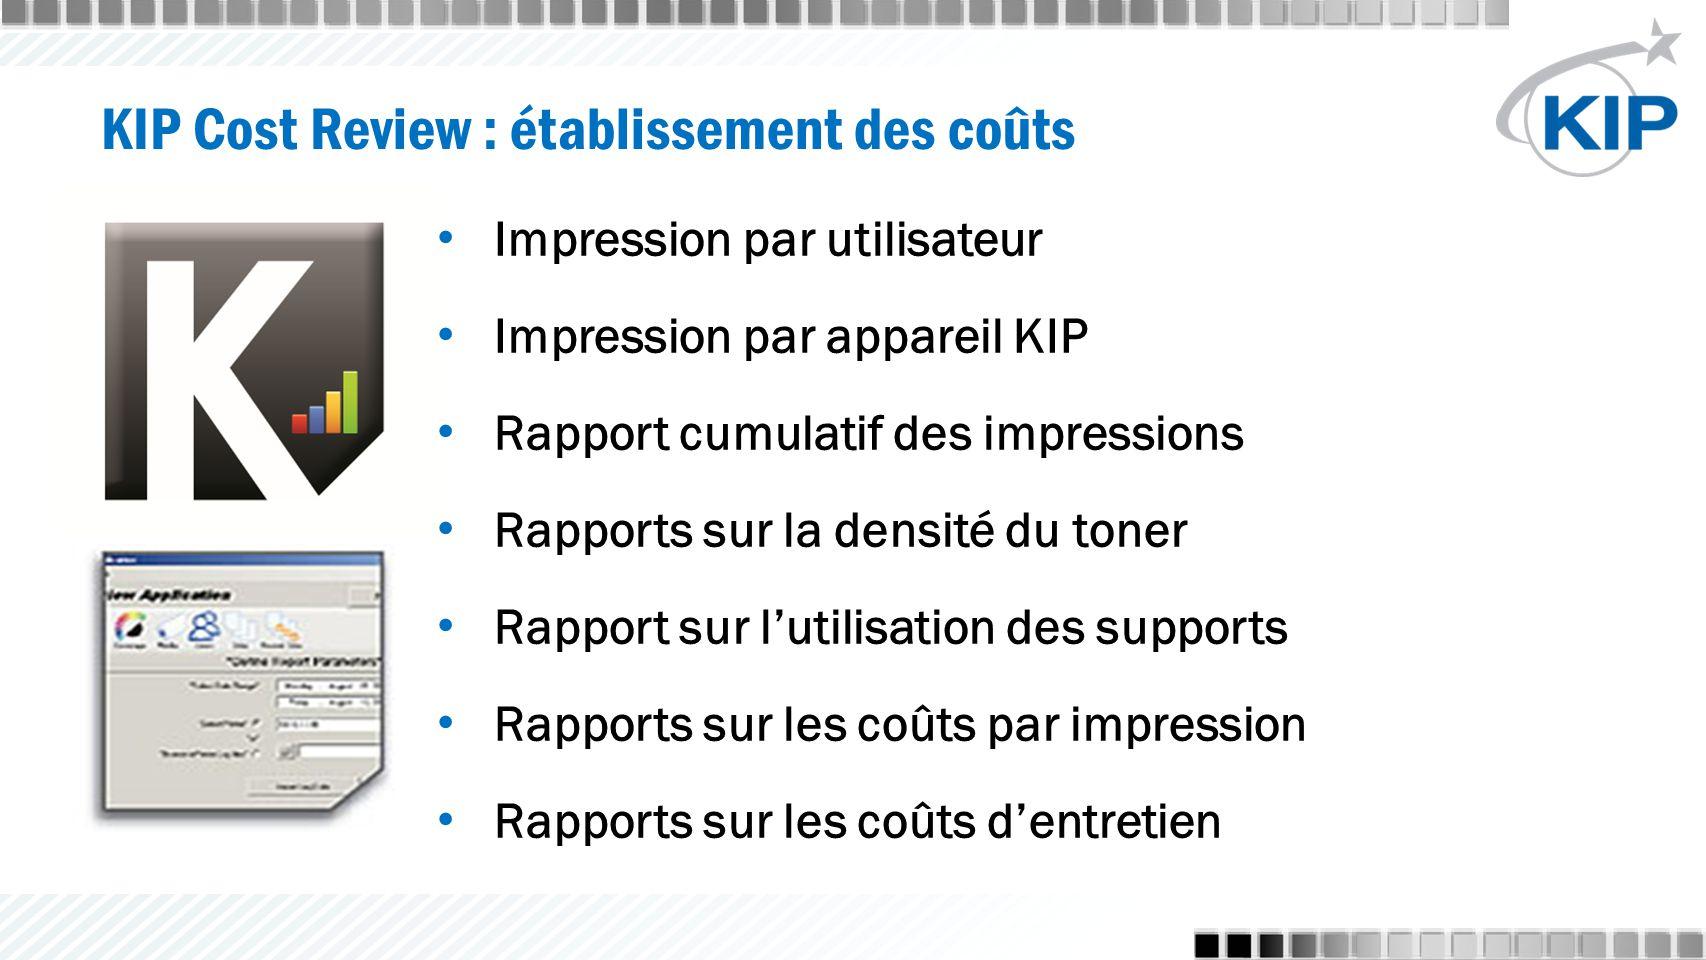 Impression par utilisateur Impression par appareil KIP Rapport cumulatif des impressions Rapports sur la densité du toner Rapport sur l'utilisation des supports Rapports sur les coûts par impression Rapports sur les coûts d'entretien